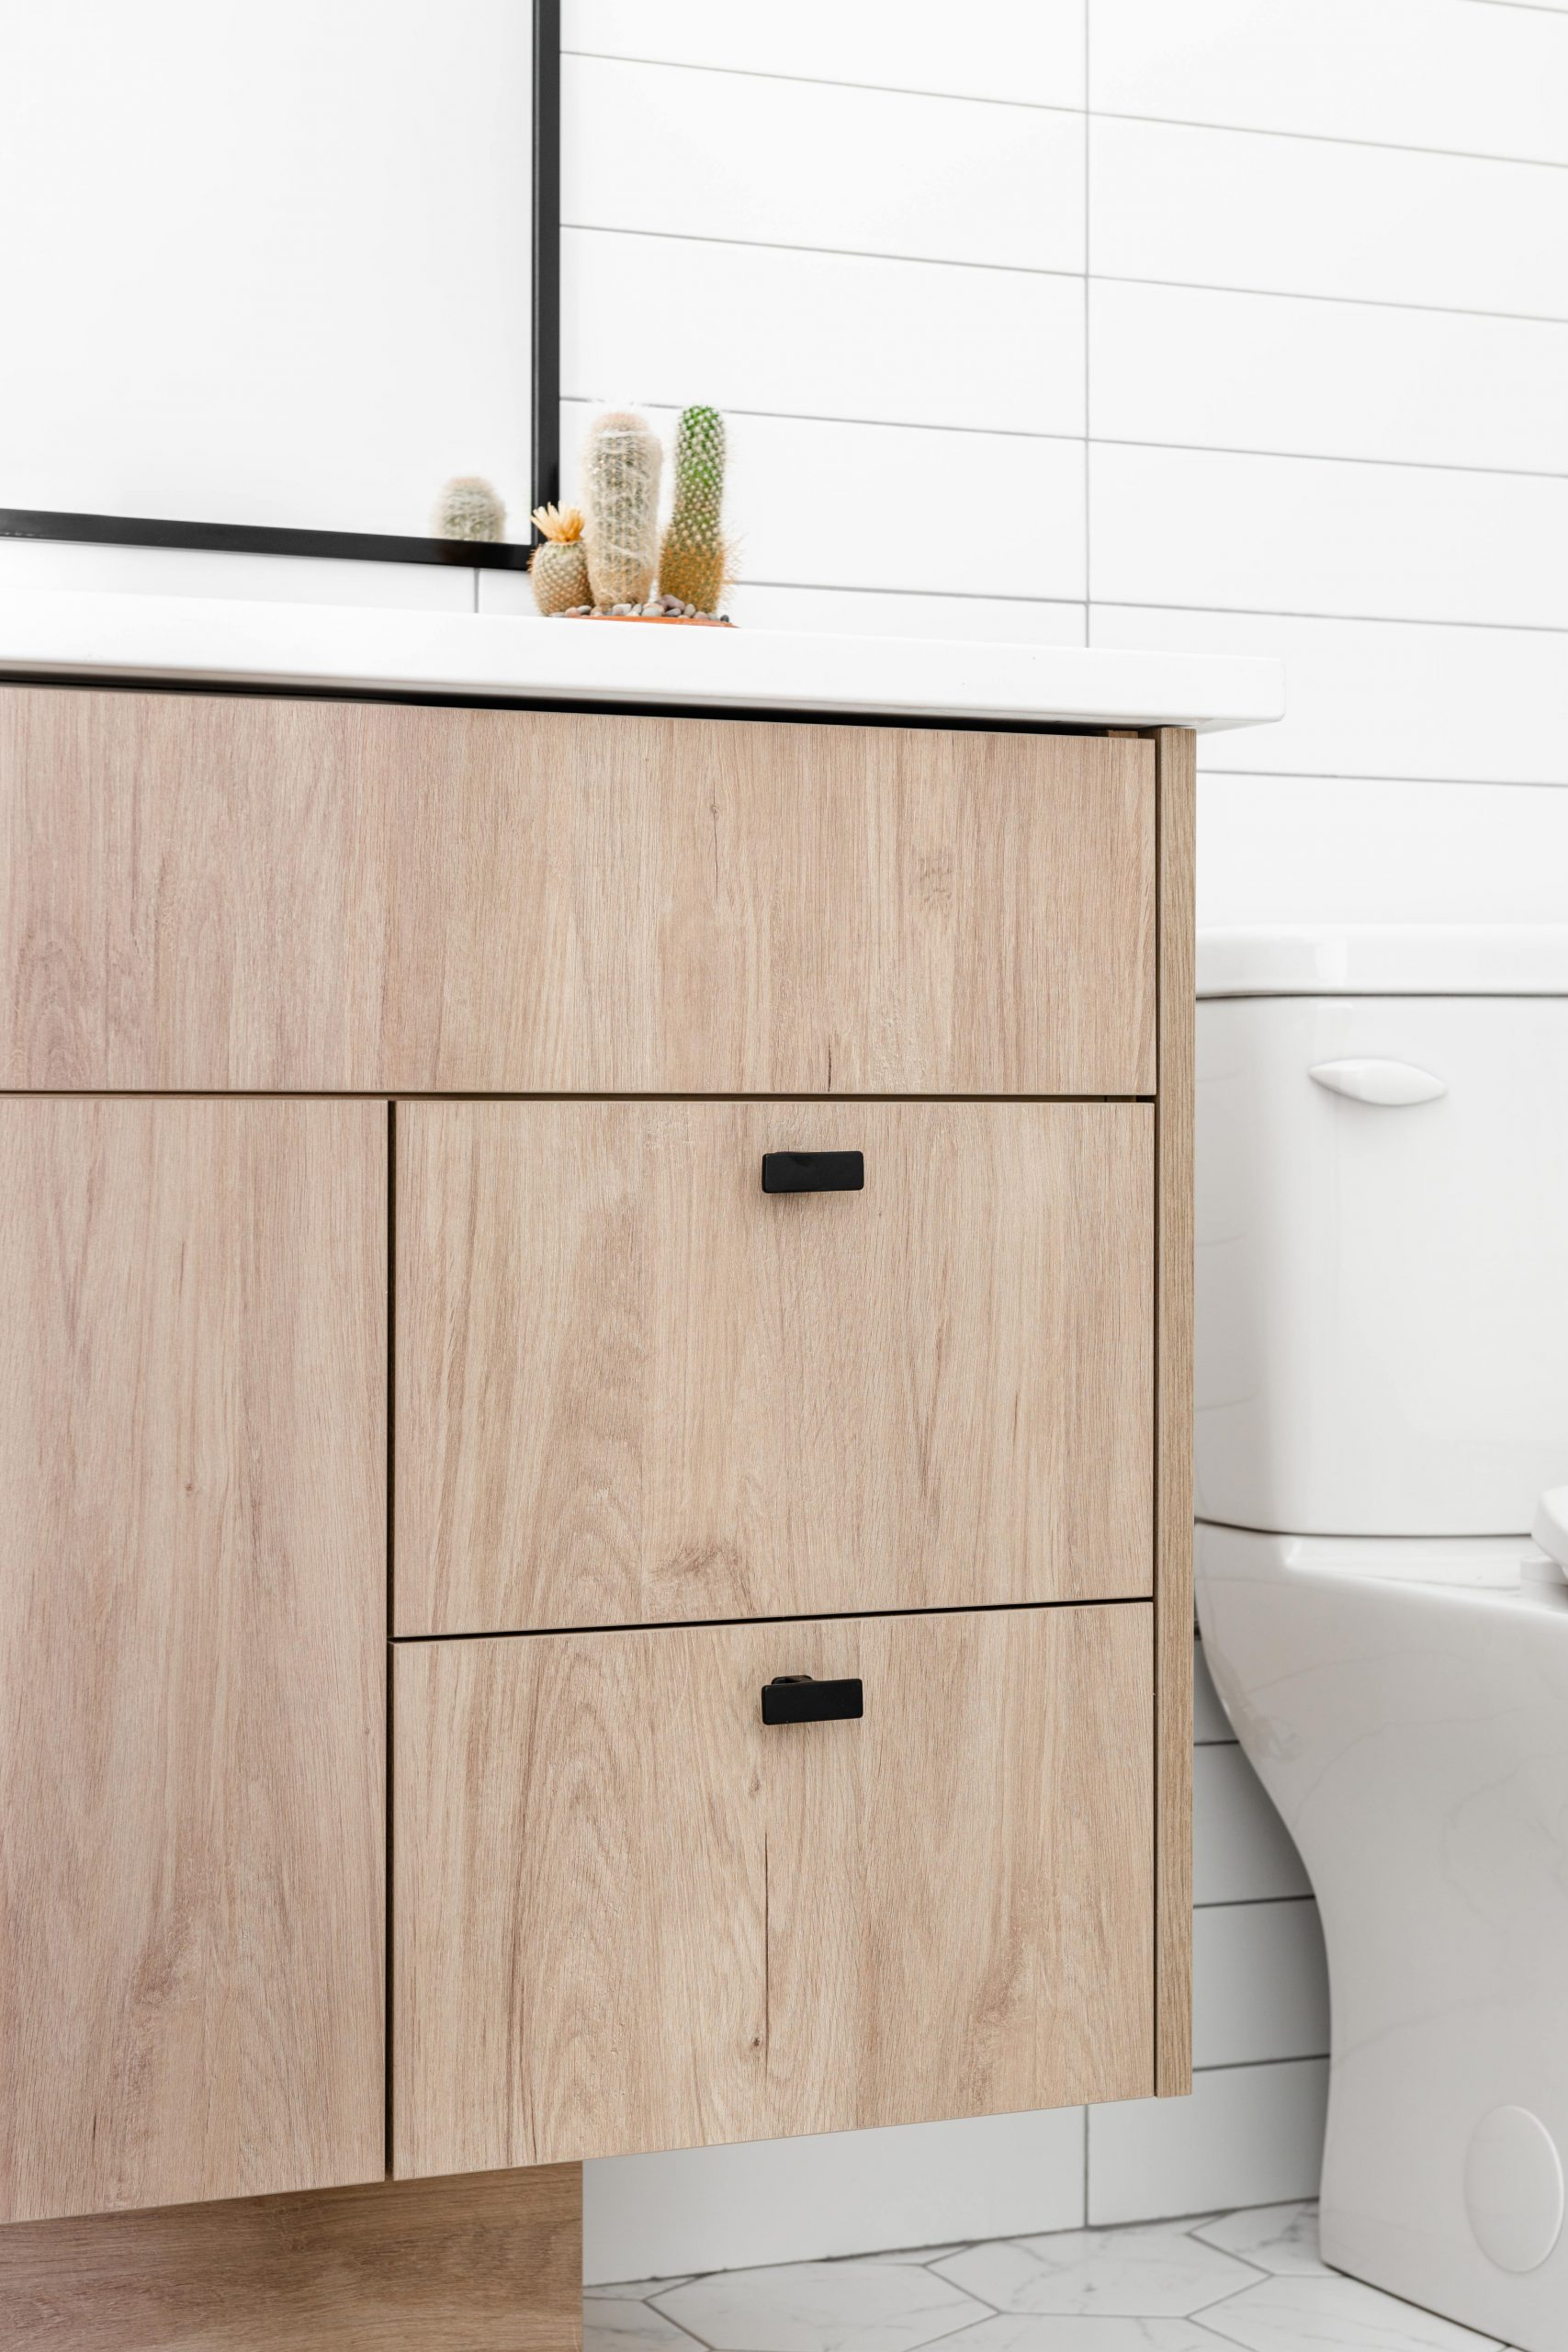 Cabico Custom Cabinets - Projet salle de bain The Lookout - vue du côté droit